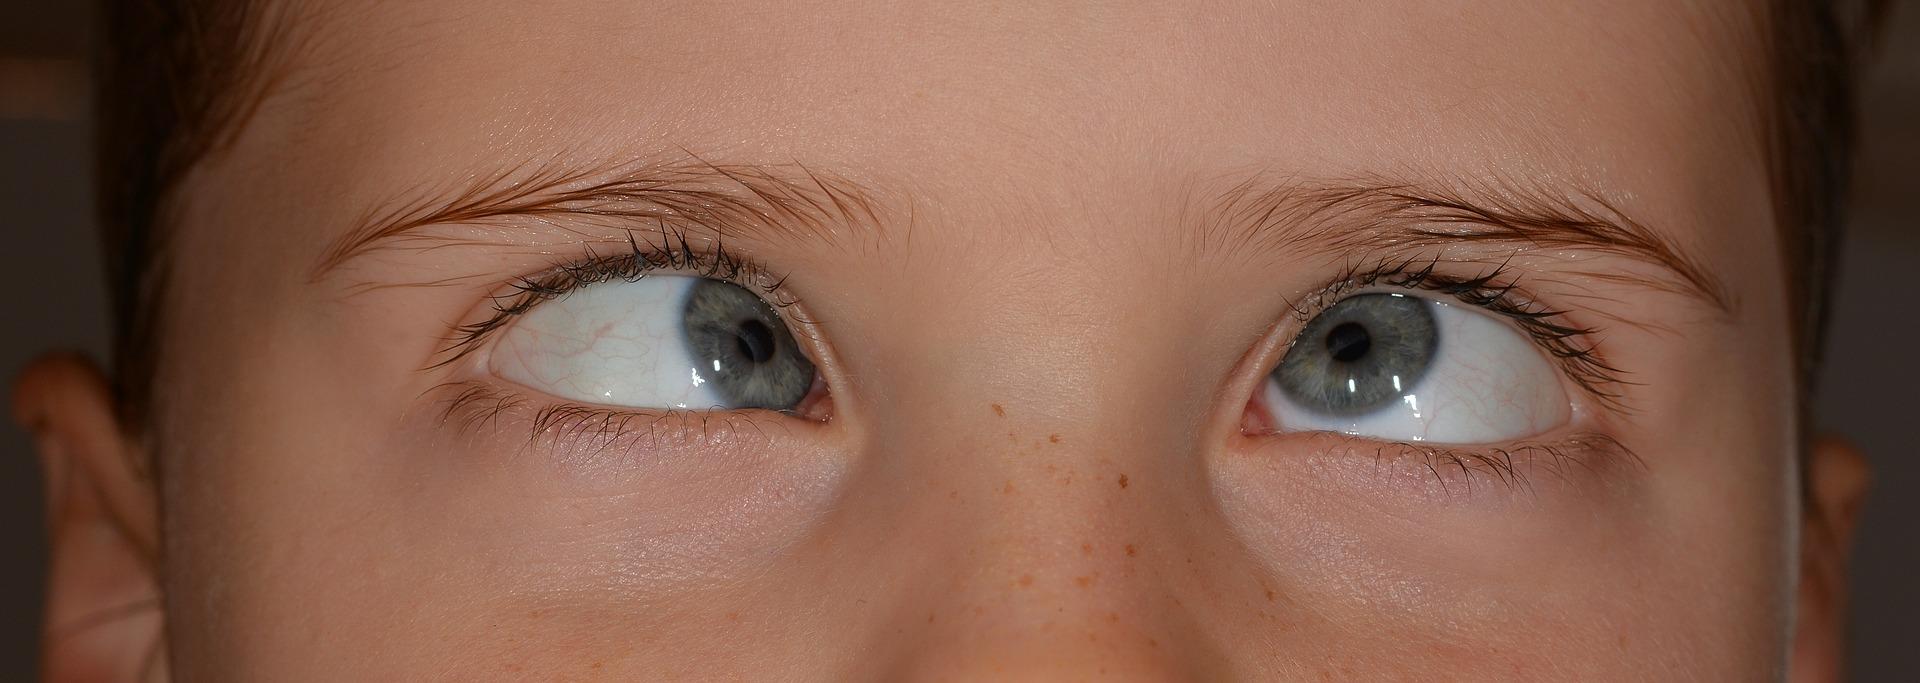 ど近眼ライターが教えるドライアイの治し方と対策